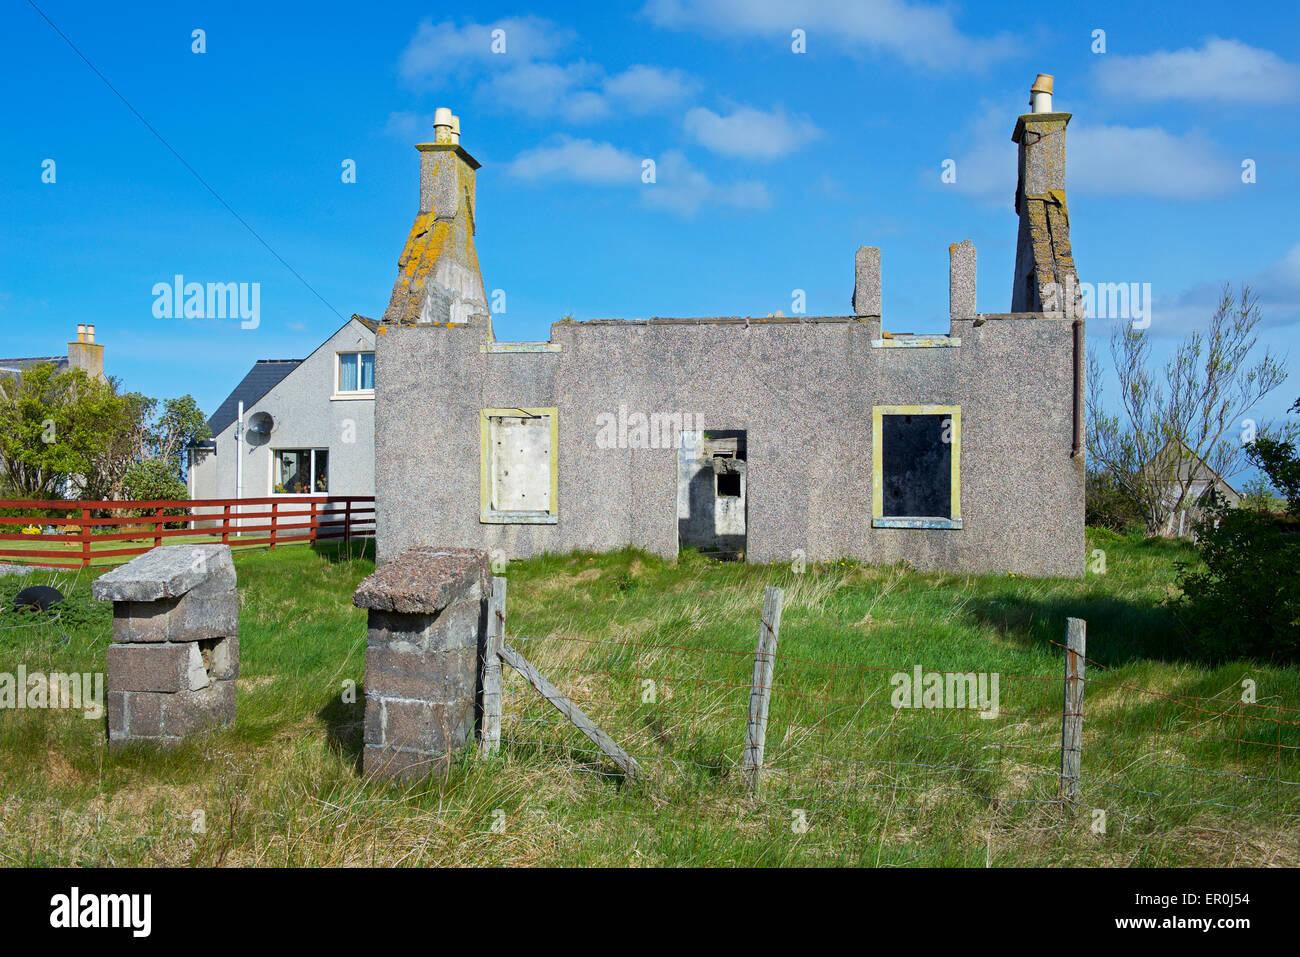 Ruined house near Stornoway, Isle of Lewis, Outer Hebrides, Scotland UK - Stock Image